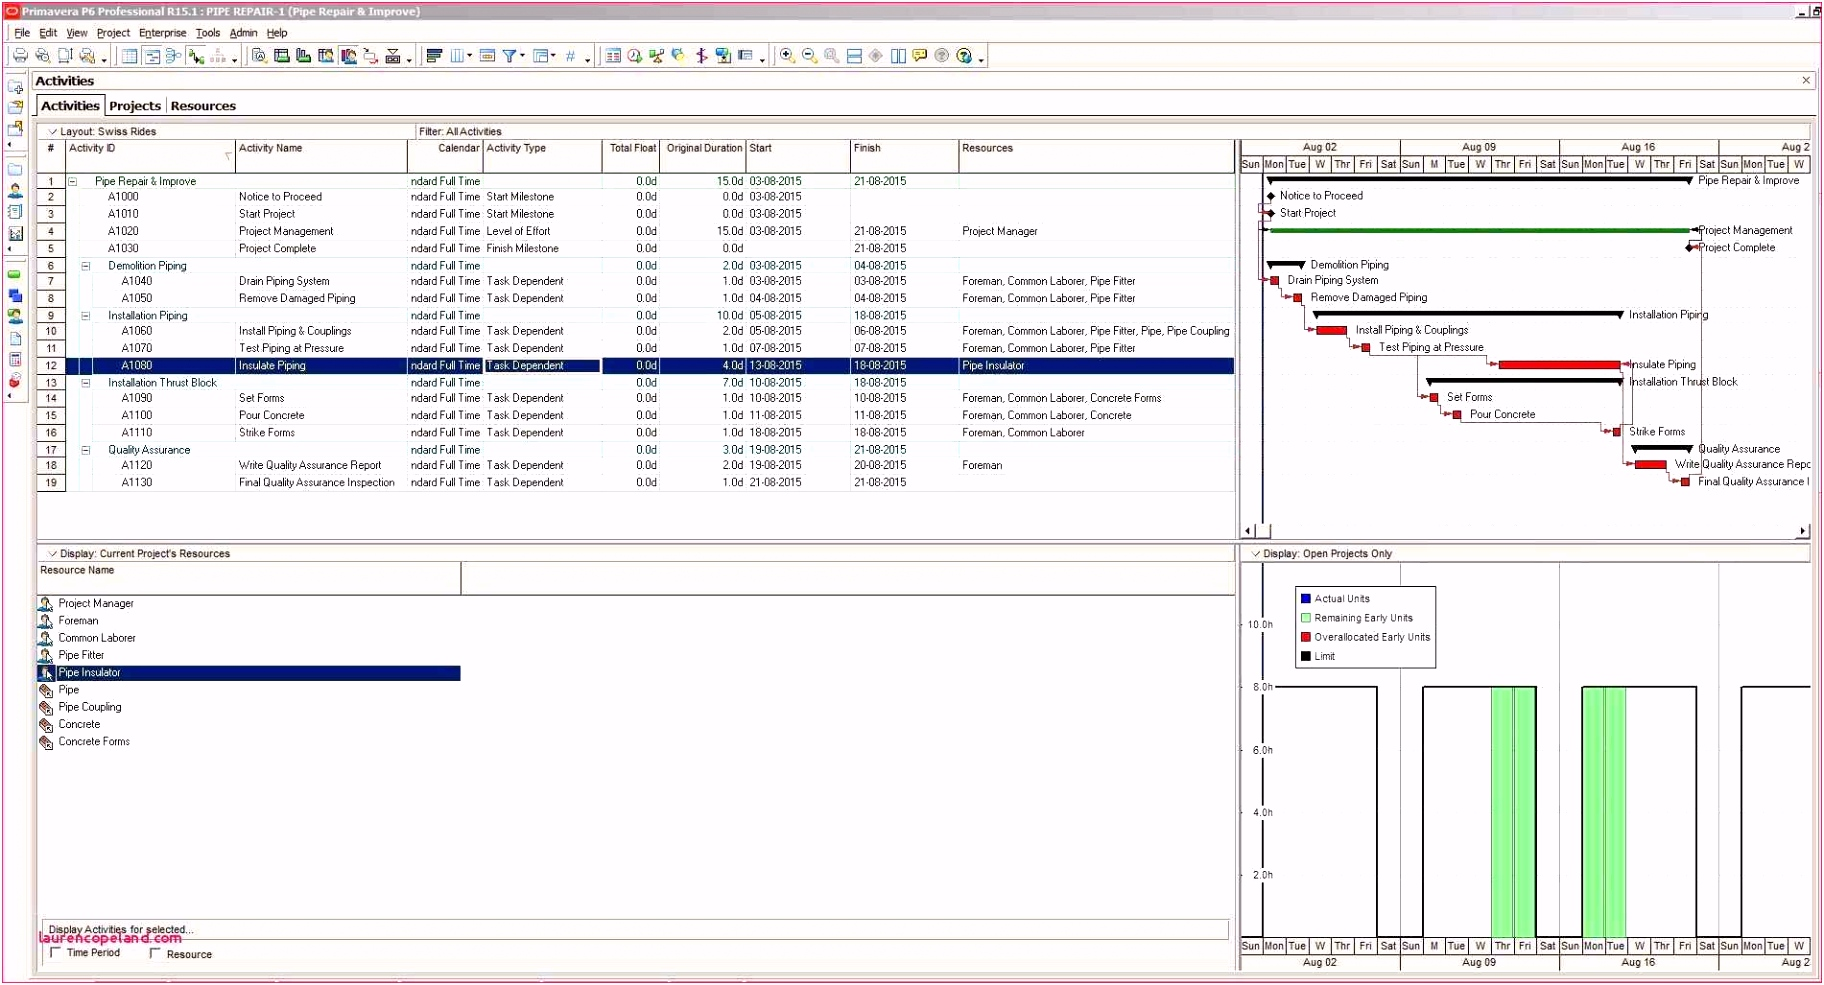 Vorlage Stammbaum Powerpoint Druckbare Stammbaum Vorlage Excel Y0by62yfj6 Lmte4v0yo4